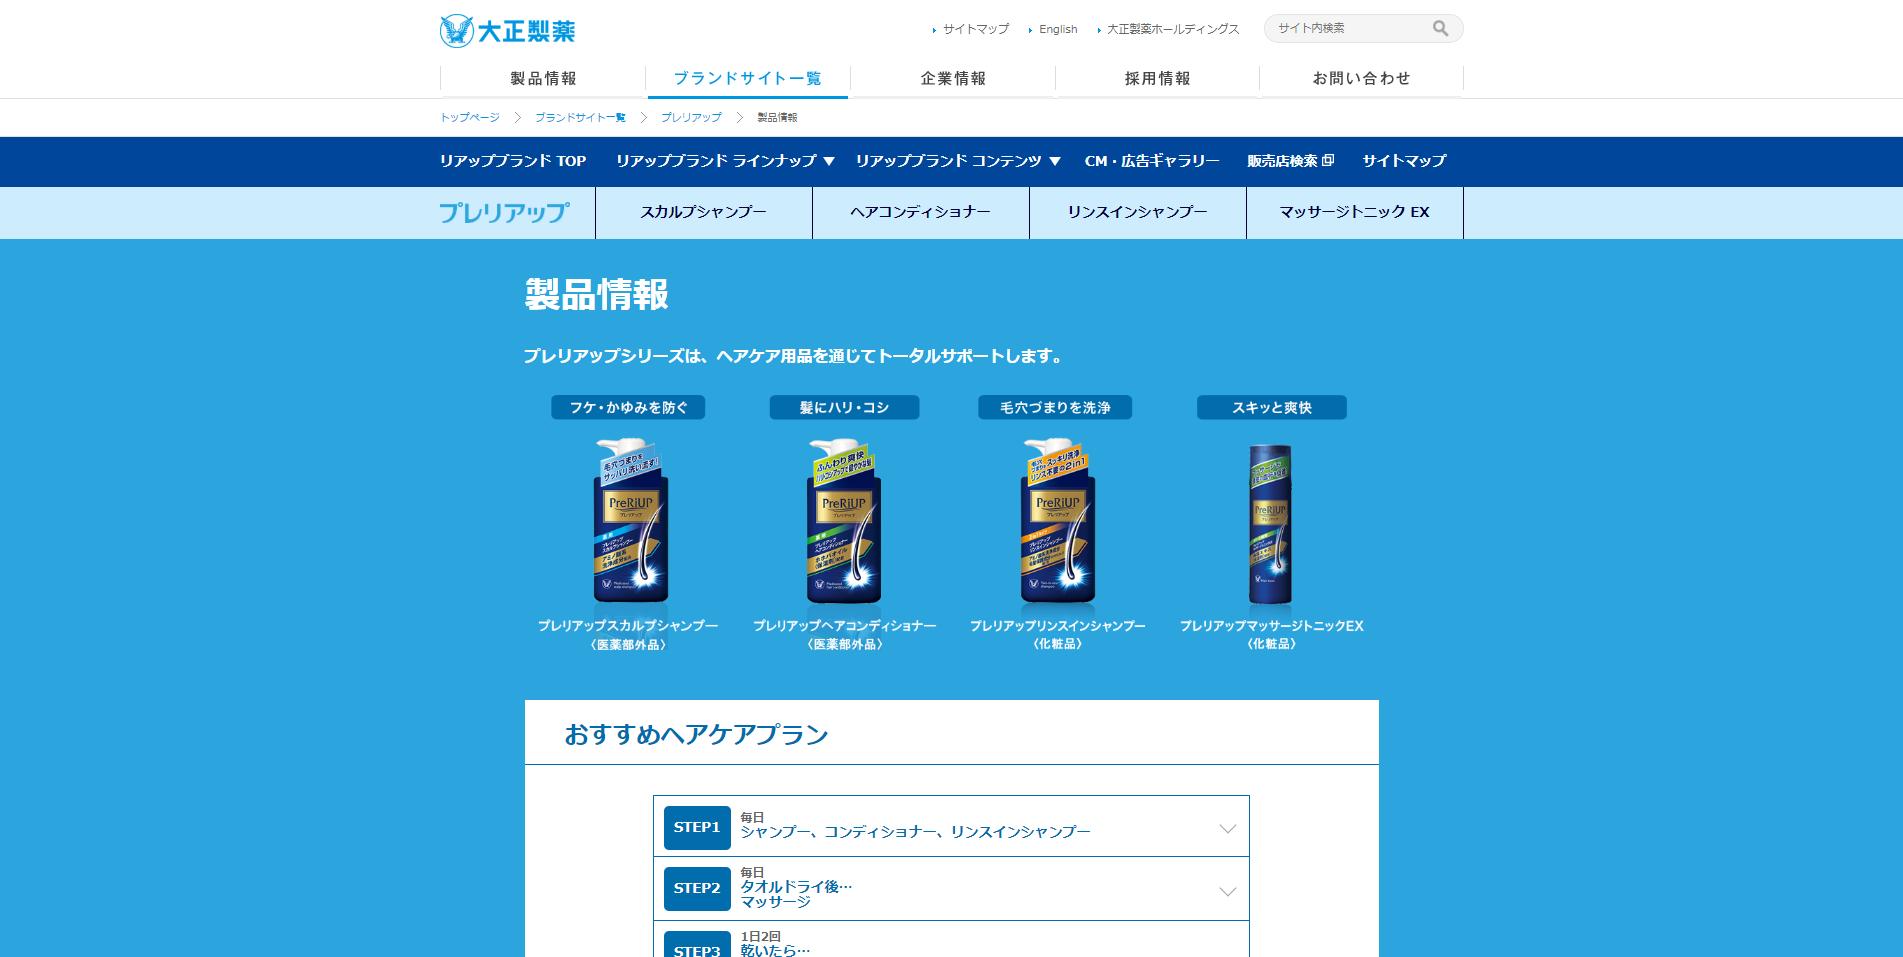 プレリアップスカルプシャンプーのホームページのトップ画像のスクリーンショット